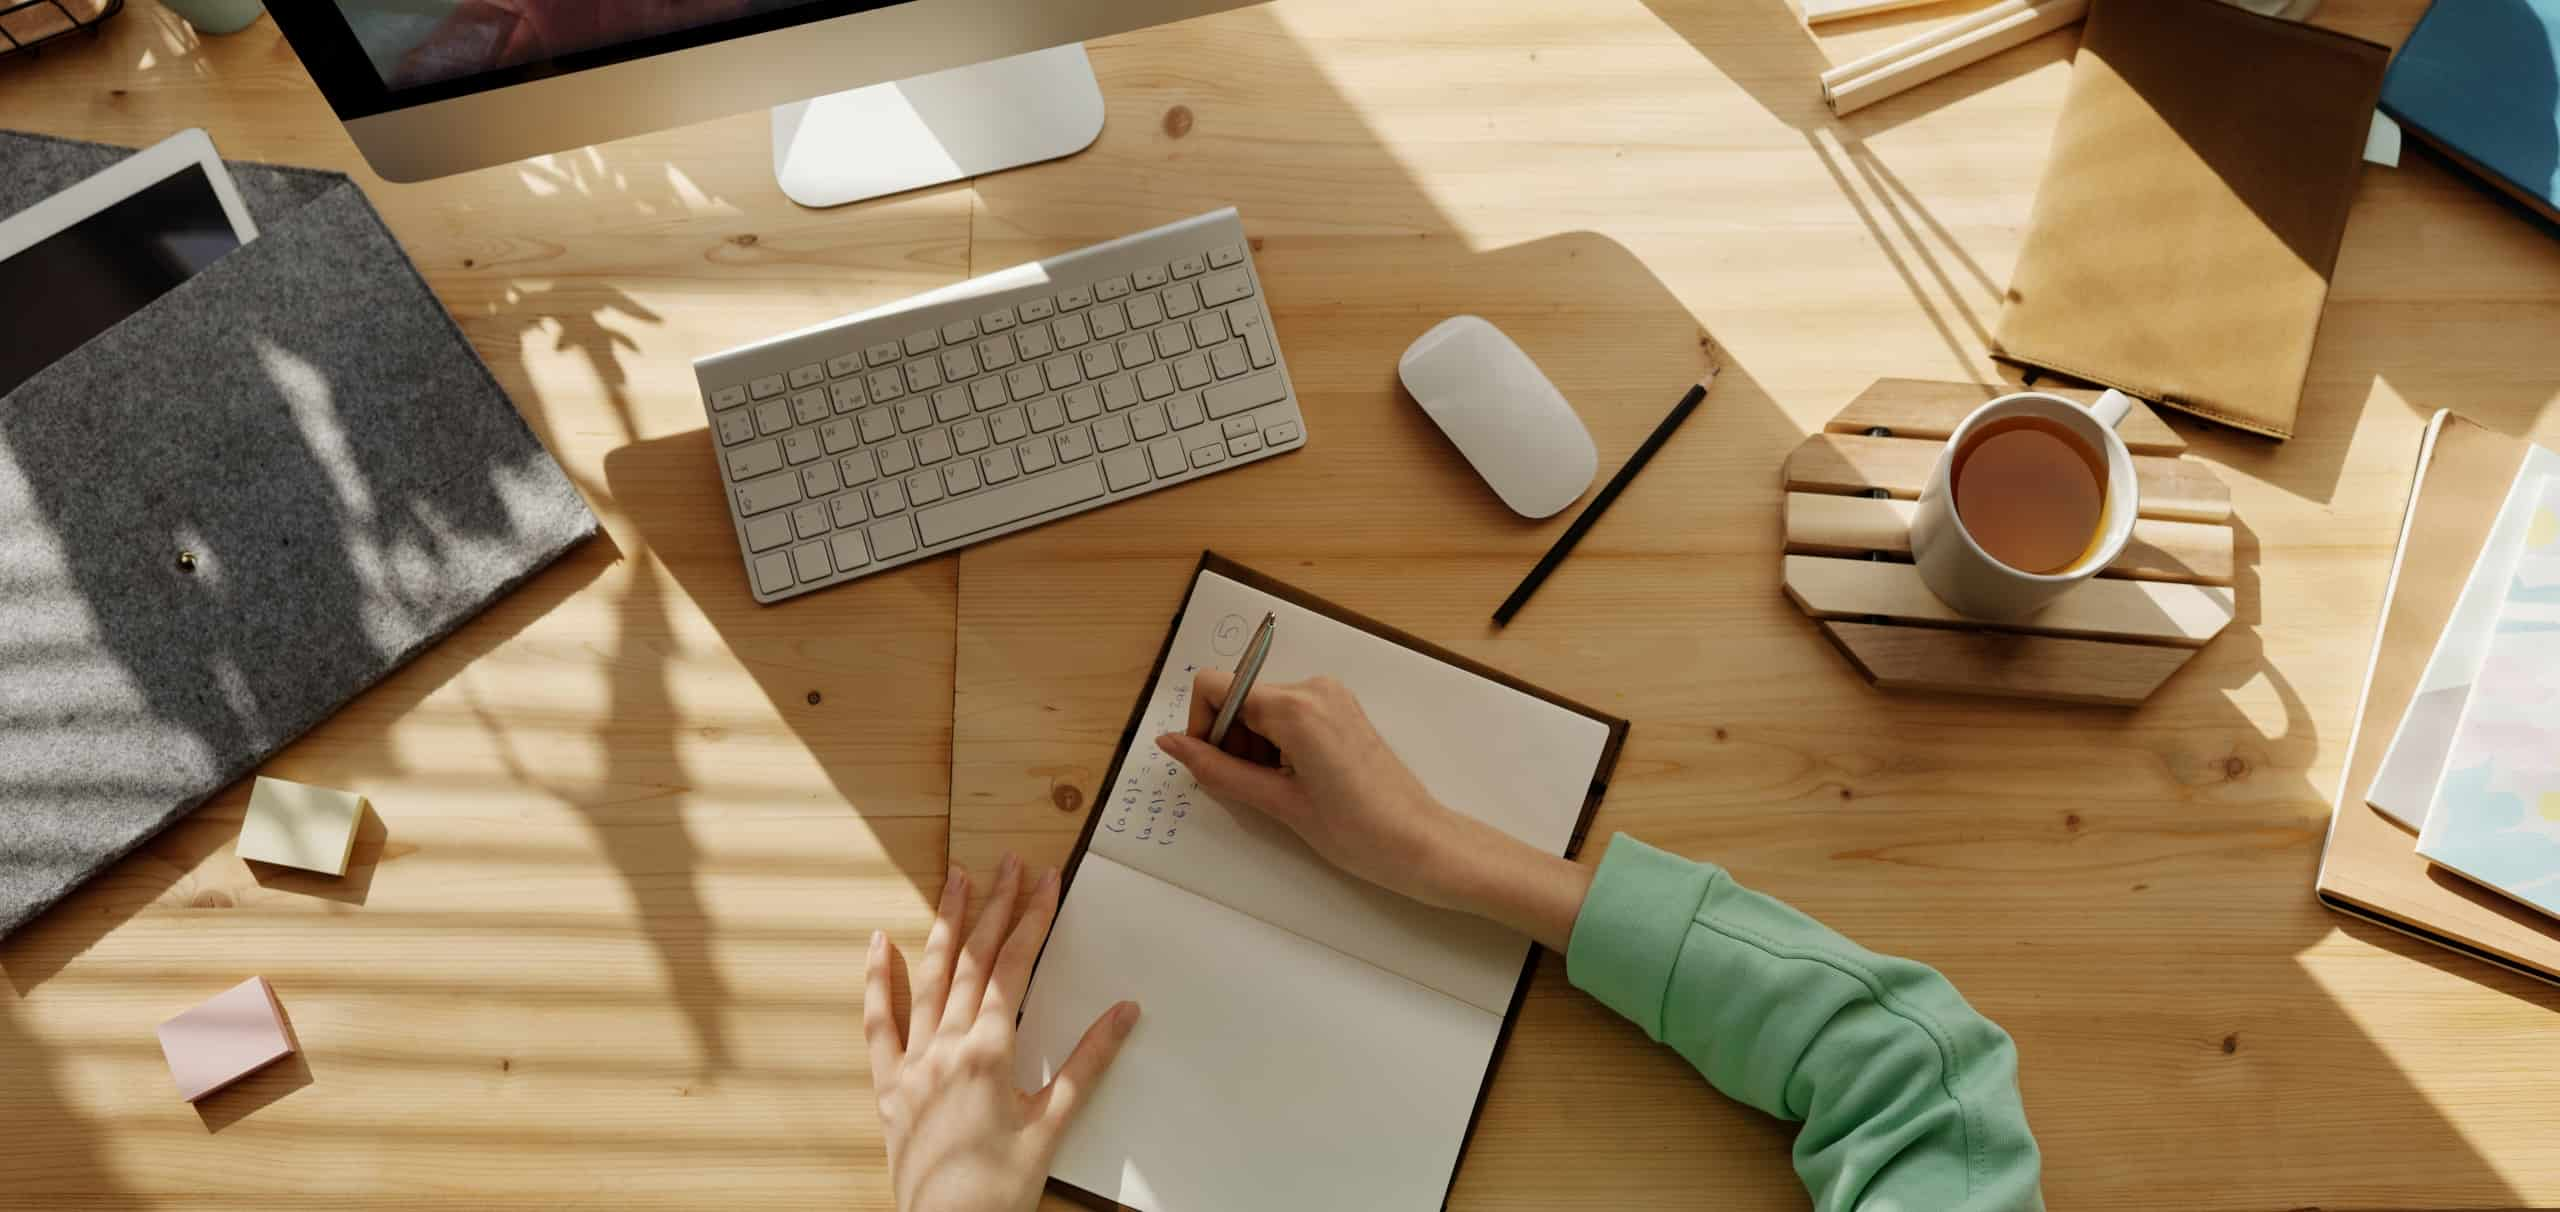 Thuiswerken: waar loop je als organisatie tegenaan en hoe los je dit op?